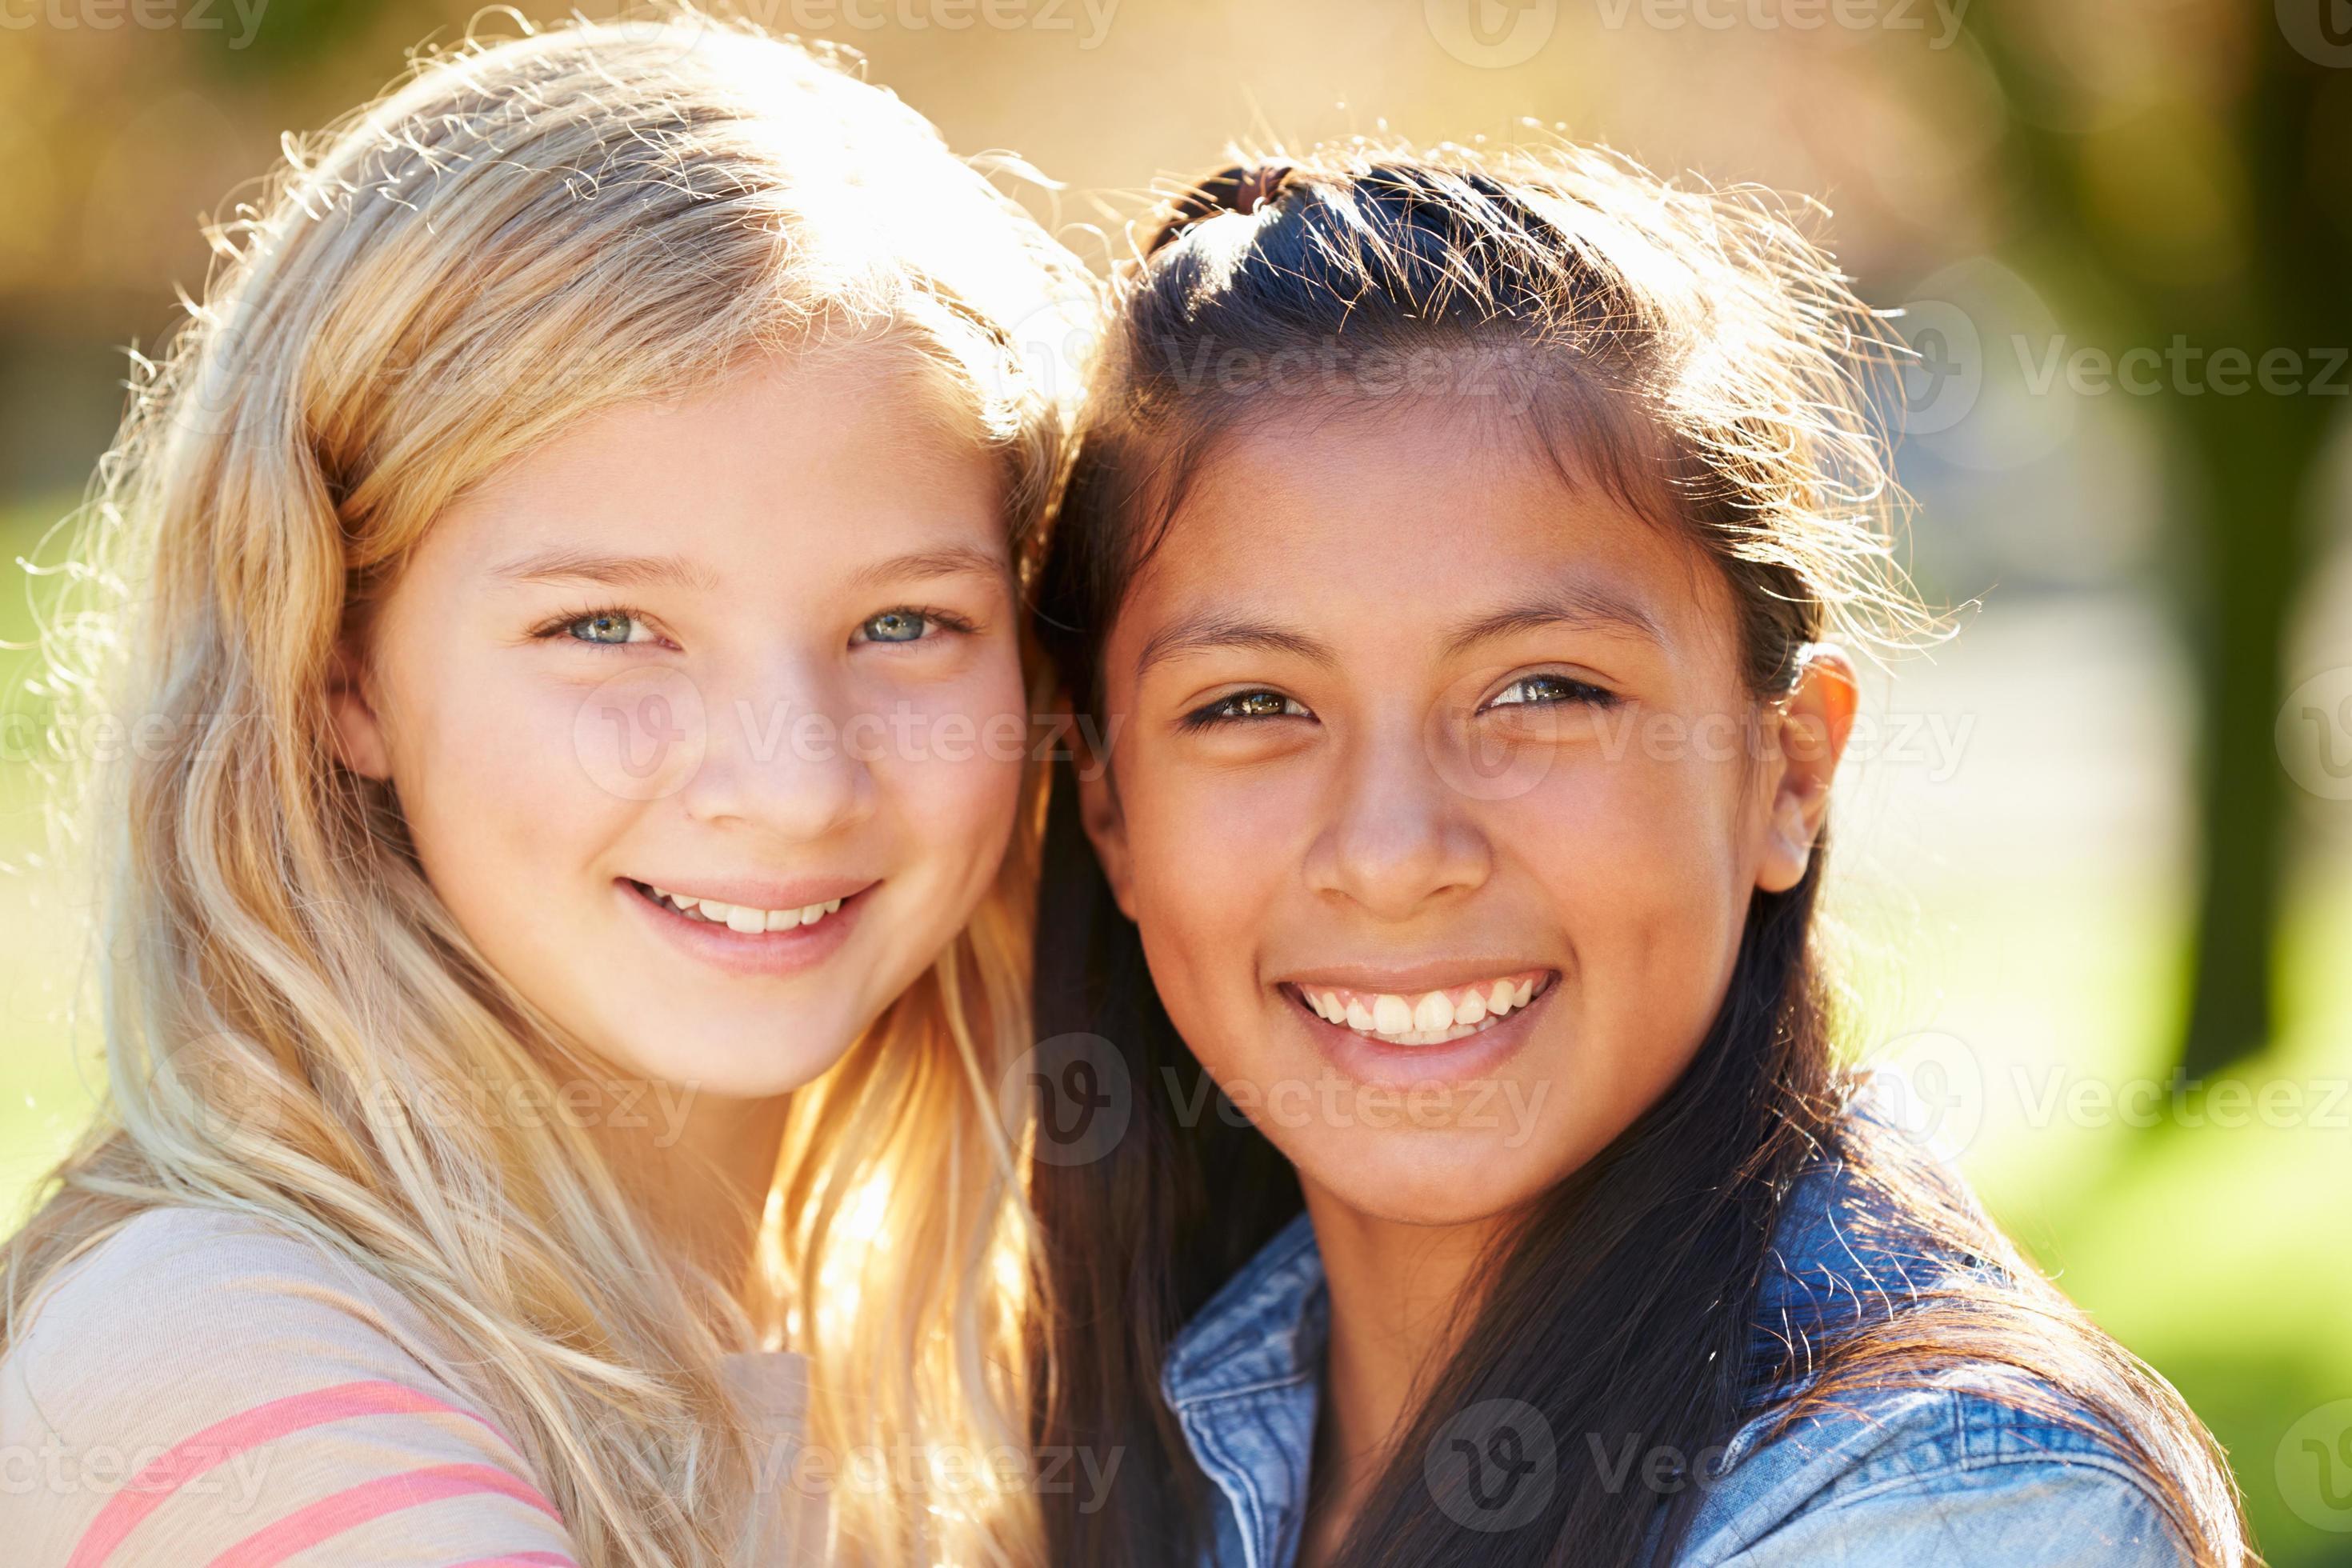 Portret Van Twee Mooie Meisjes Op Het Platteland 1241956 Stockfoto